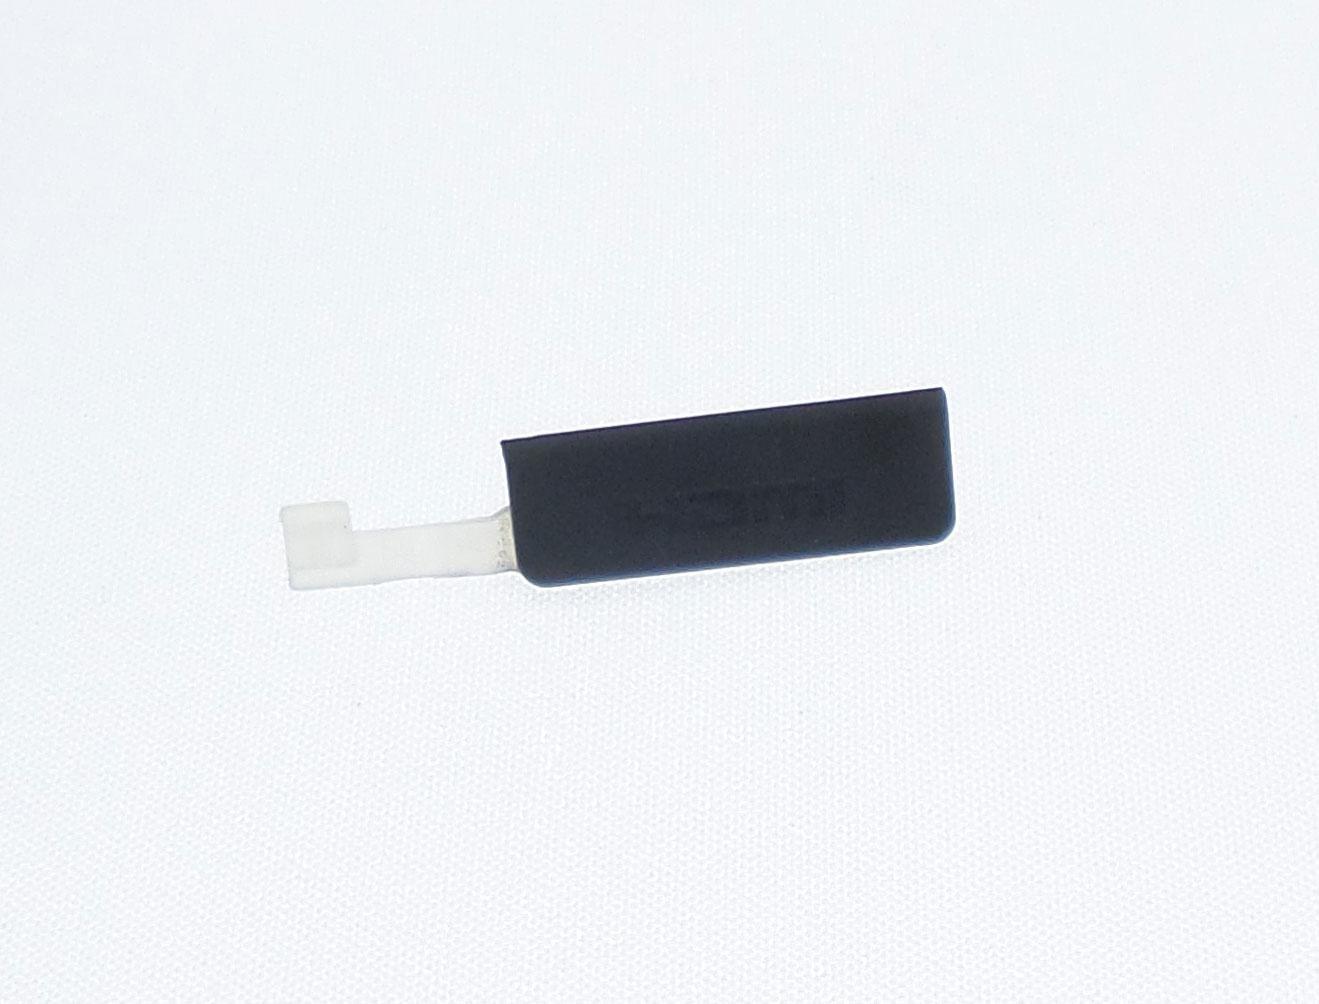 Cache prise HDMI pour Sony Xperia J St26i